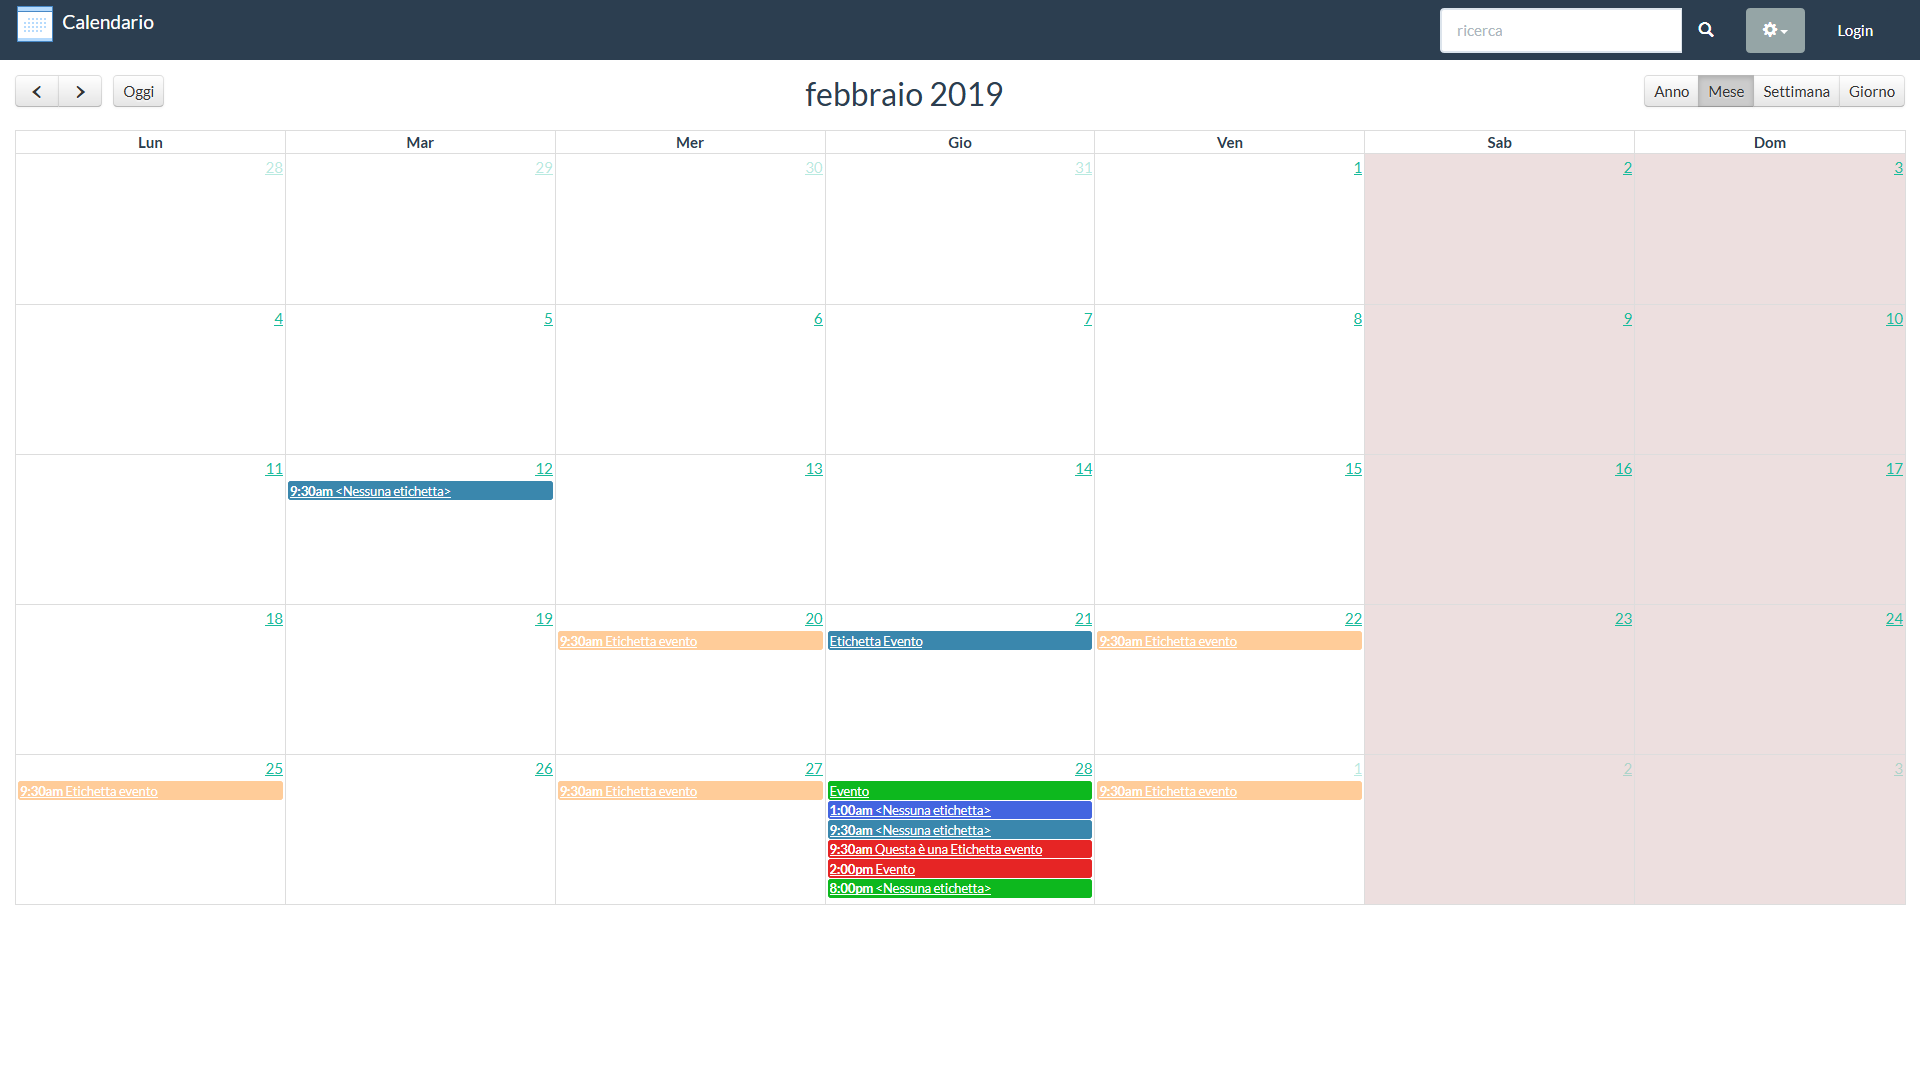 Calendario Appuntamenti Condiviso.Calendario Online Condiviso Per La Gestione Eventi Ideale